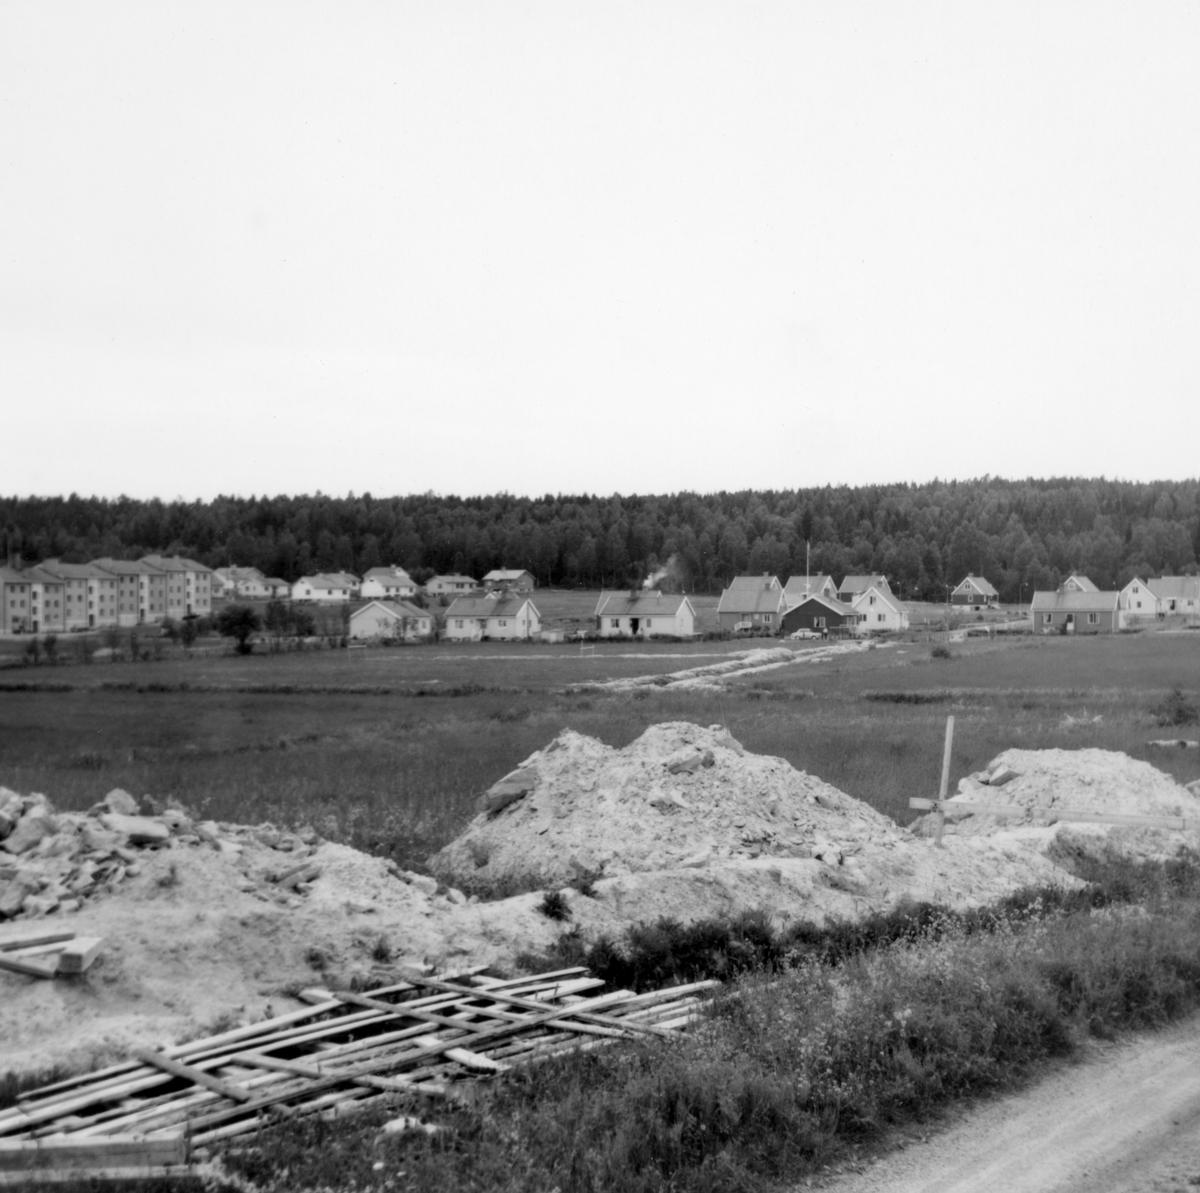 Någonstans i Värmland - från slutet av 1950-talet: Forshaga. Lämna gärna en kommentar om du vet något om bilden.